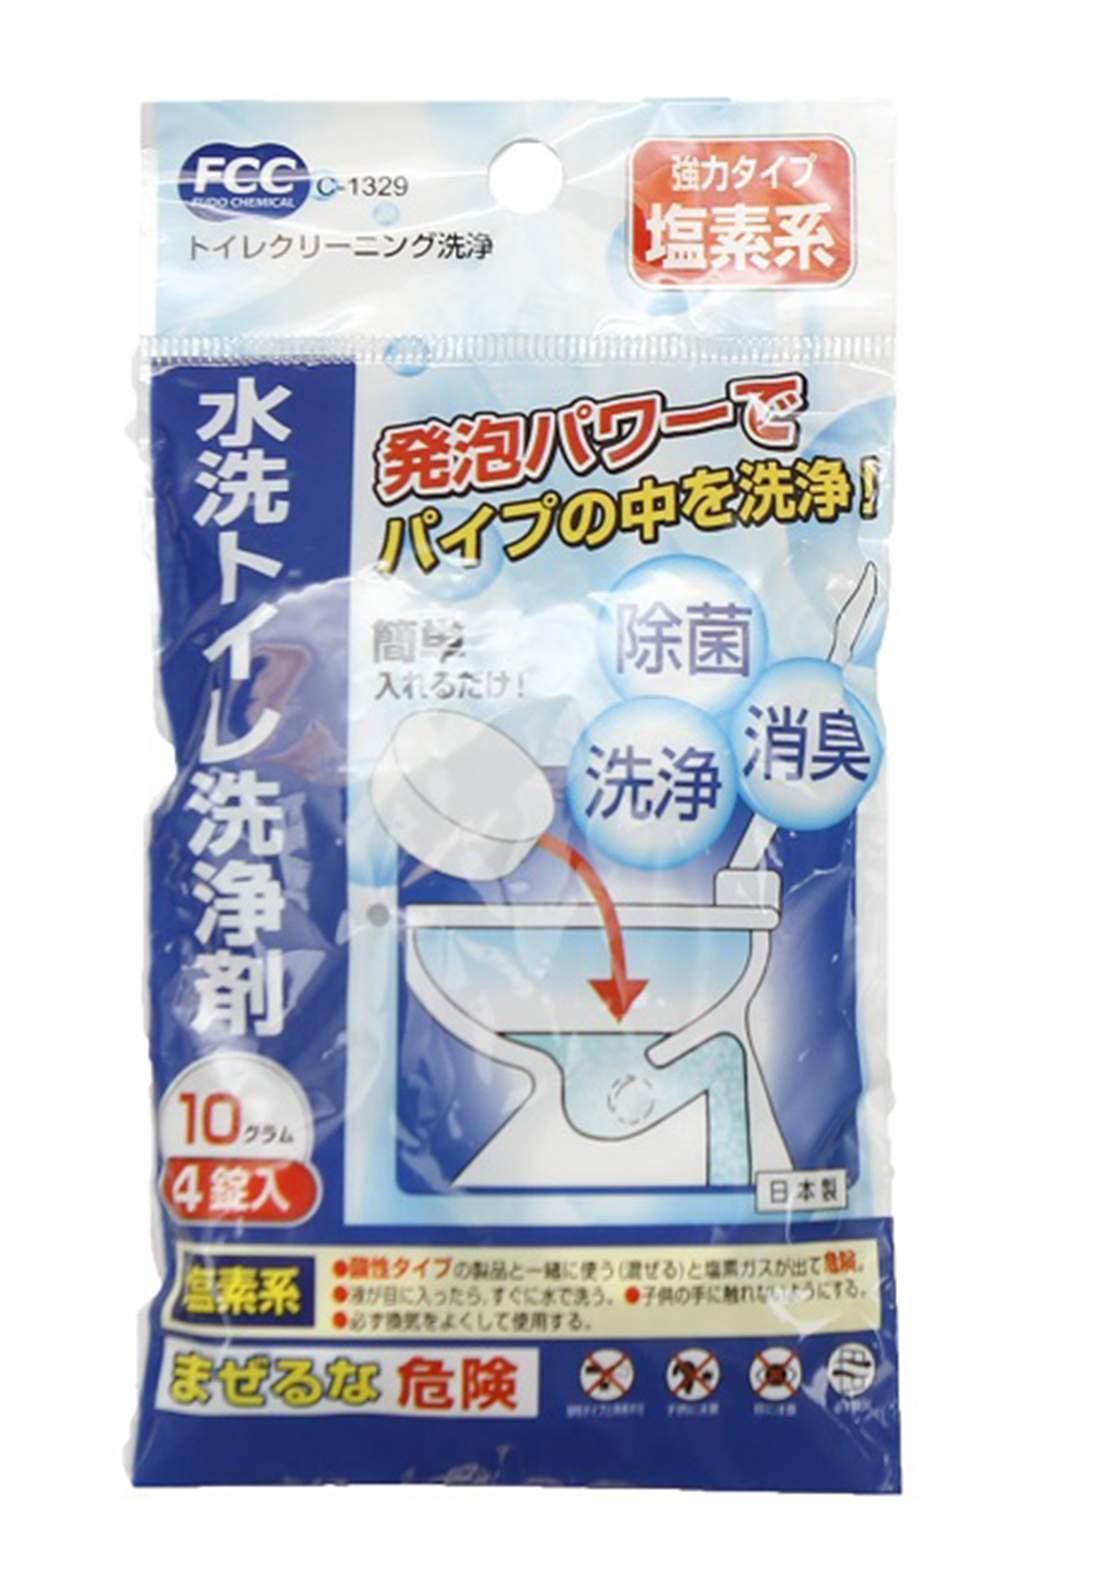 اقراص تنظيف انانبيب الصرف الصحي